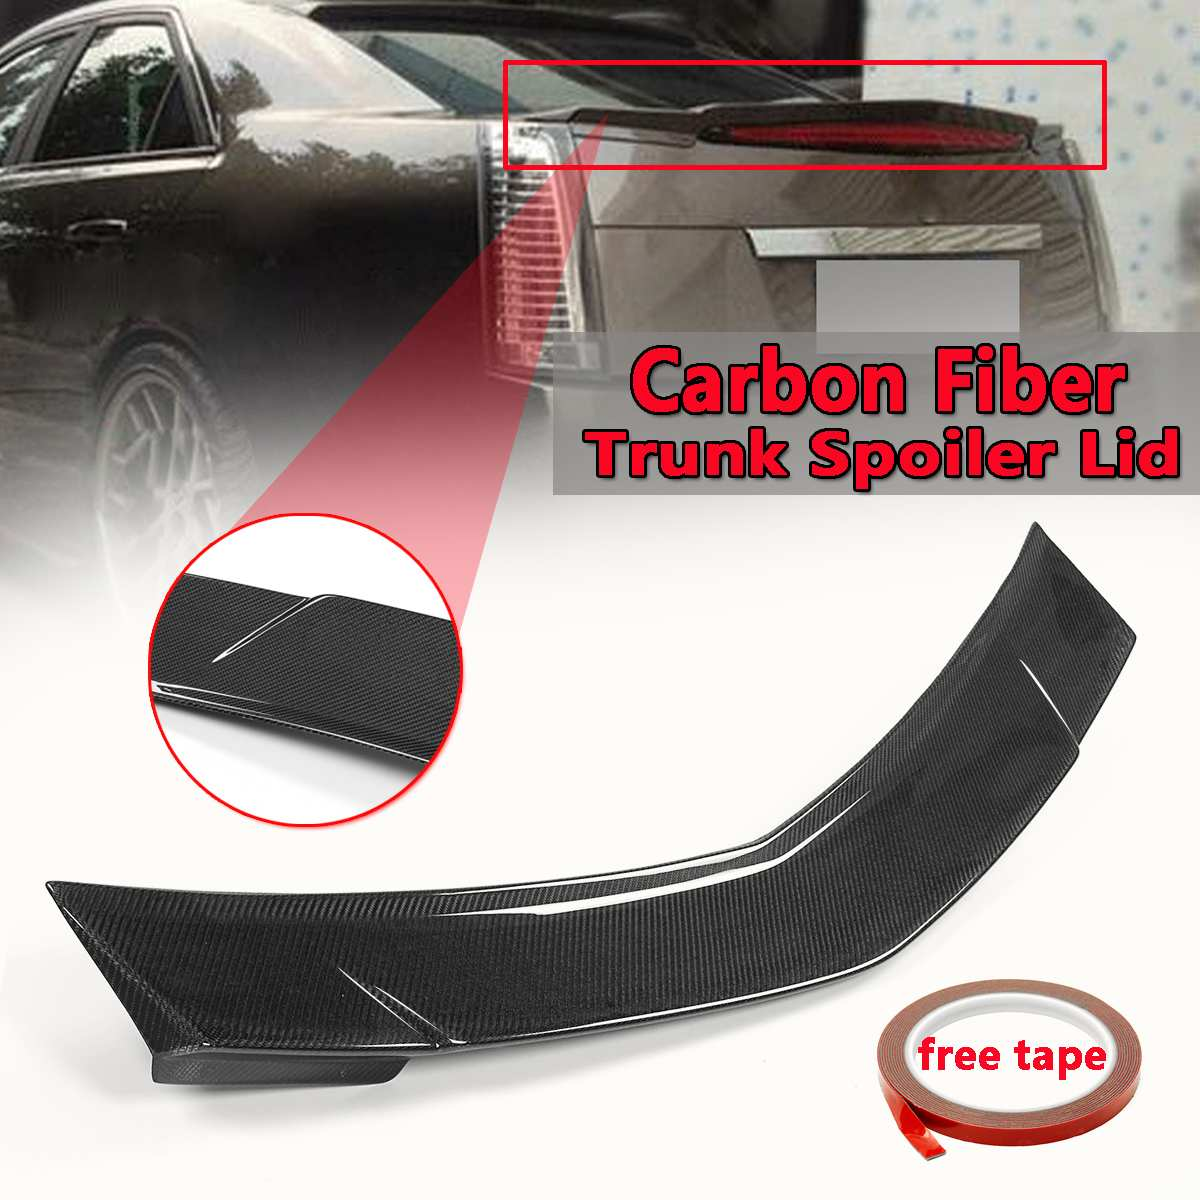 Новый автомобиль настоящий карбоновый задний спойлер багажника крыла для Cadillac CTS Седан 2008 2013 заднего крыла спойлер заднего багажника крыла